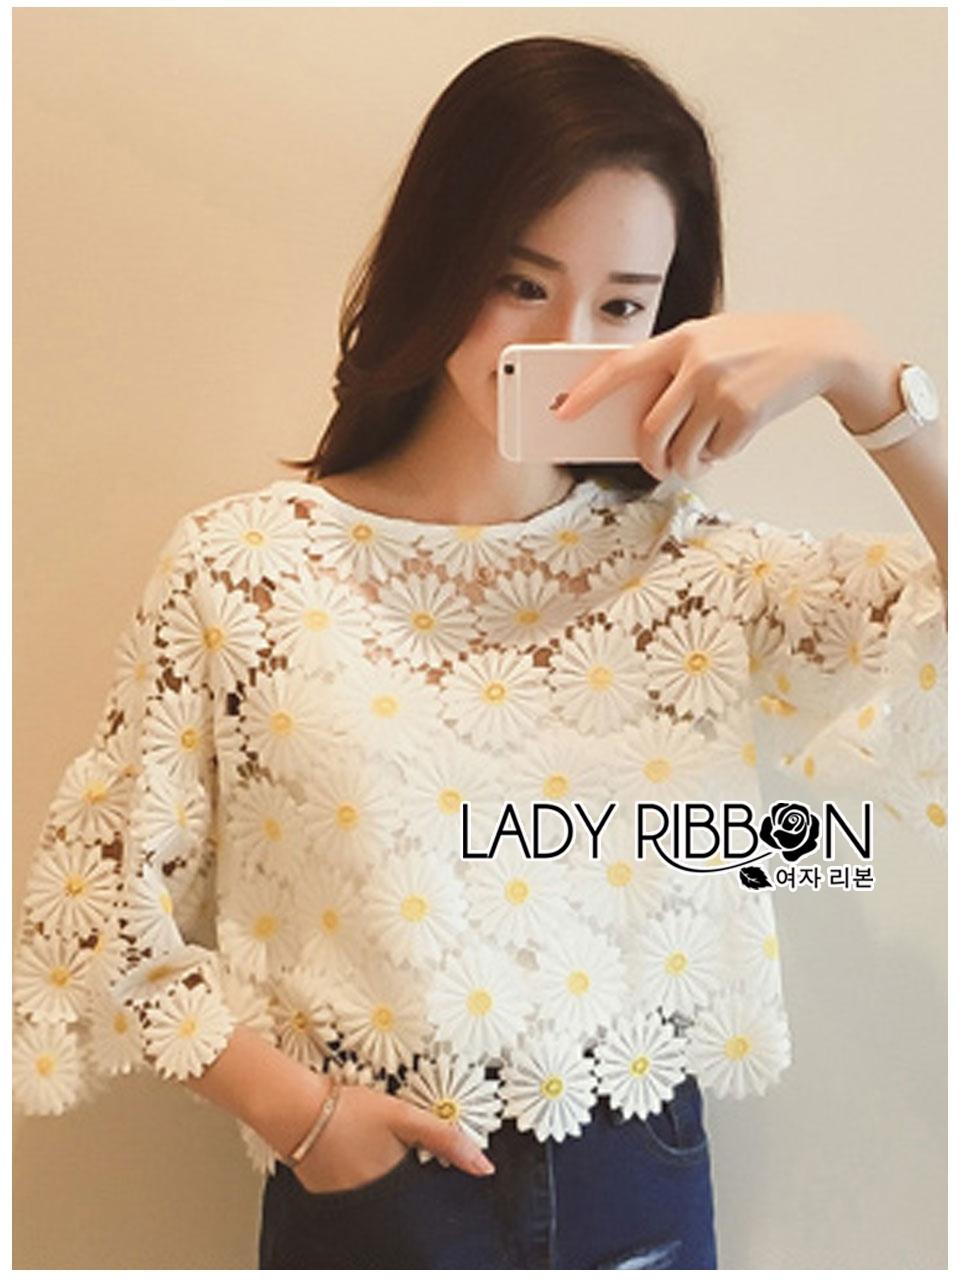 เสื้อผ้าเกาหลี พร้อมส่งเสื้อทรงคร็อปลายดอกไม้ปักสีขาว-เหลือง